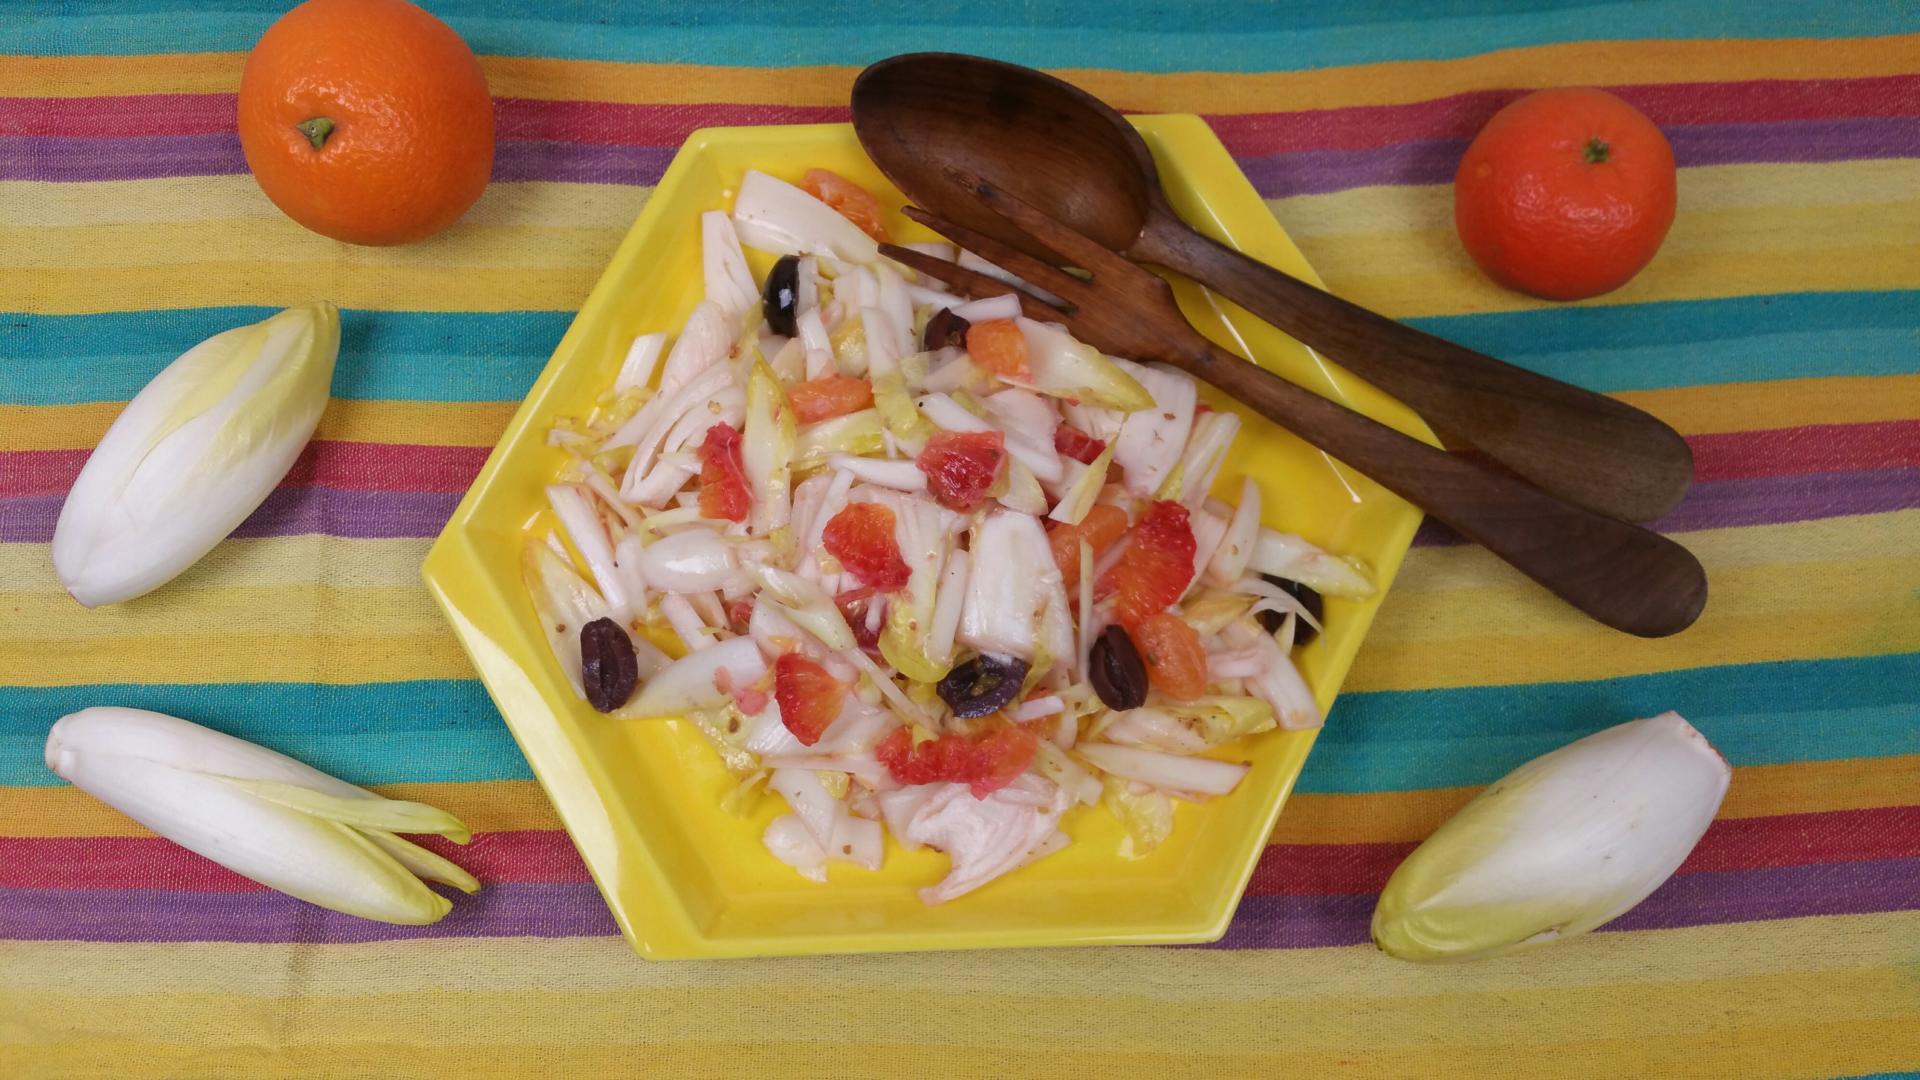 Uitgelichte foto voor het bericht Wintersla met citrus- voor witlof, andijvie of Chinese kool